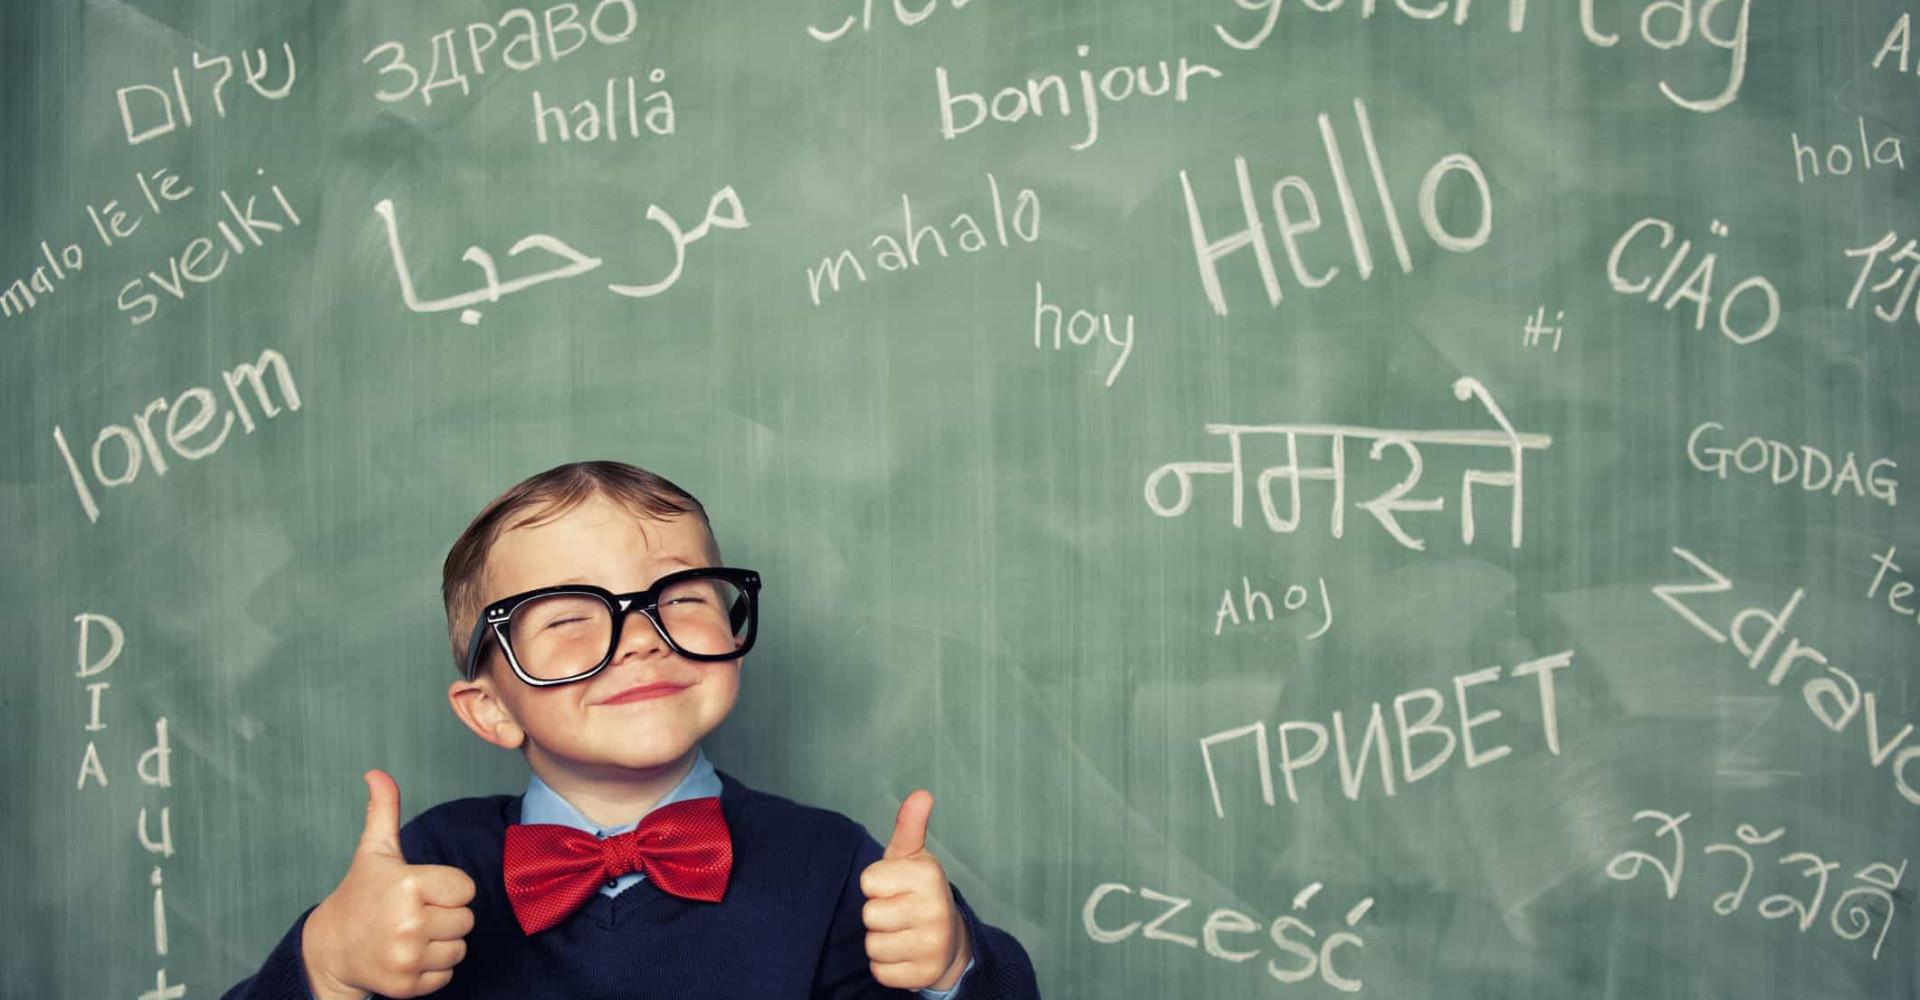 Giornata europea delle lingue: ecco quelle più parlate in Italia